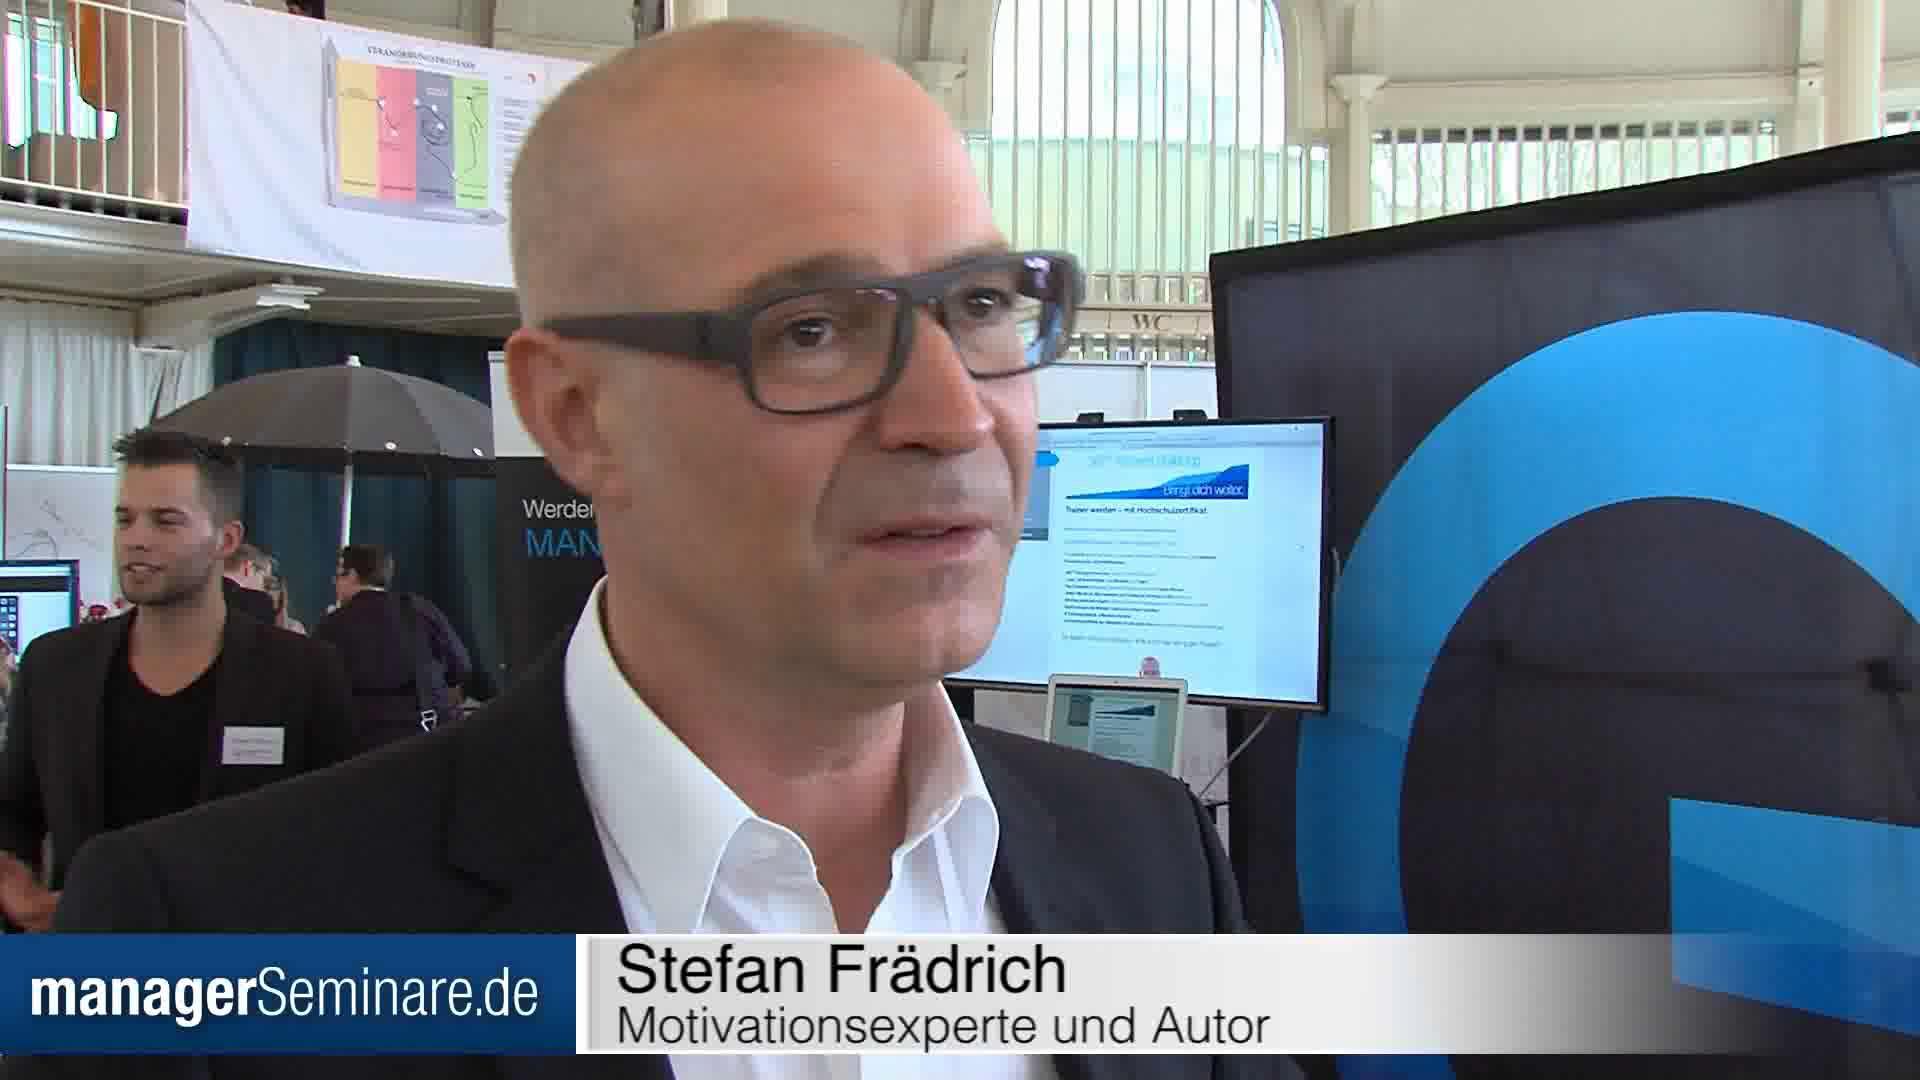 Link Stefan Frädrich: 'Ziele blockieren mehr als sie helfen'